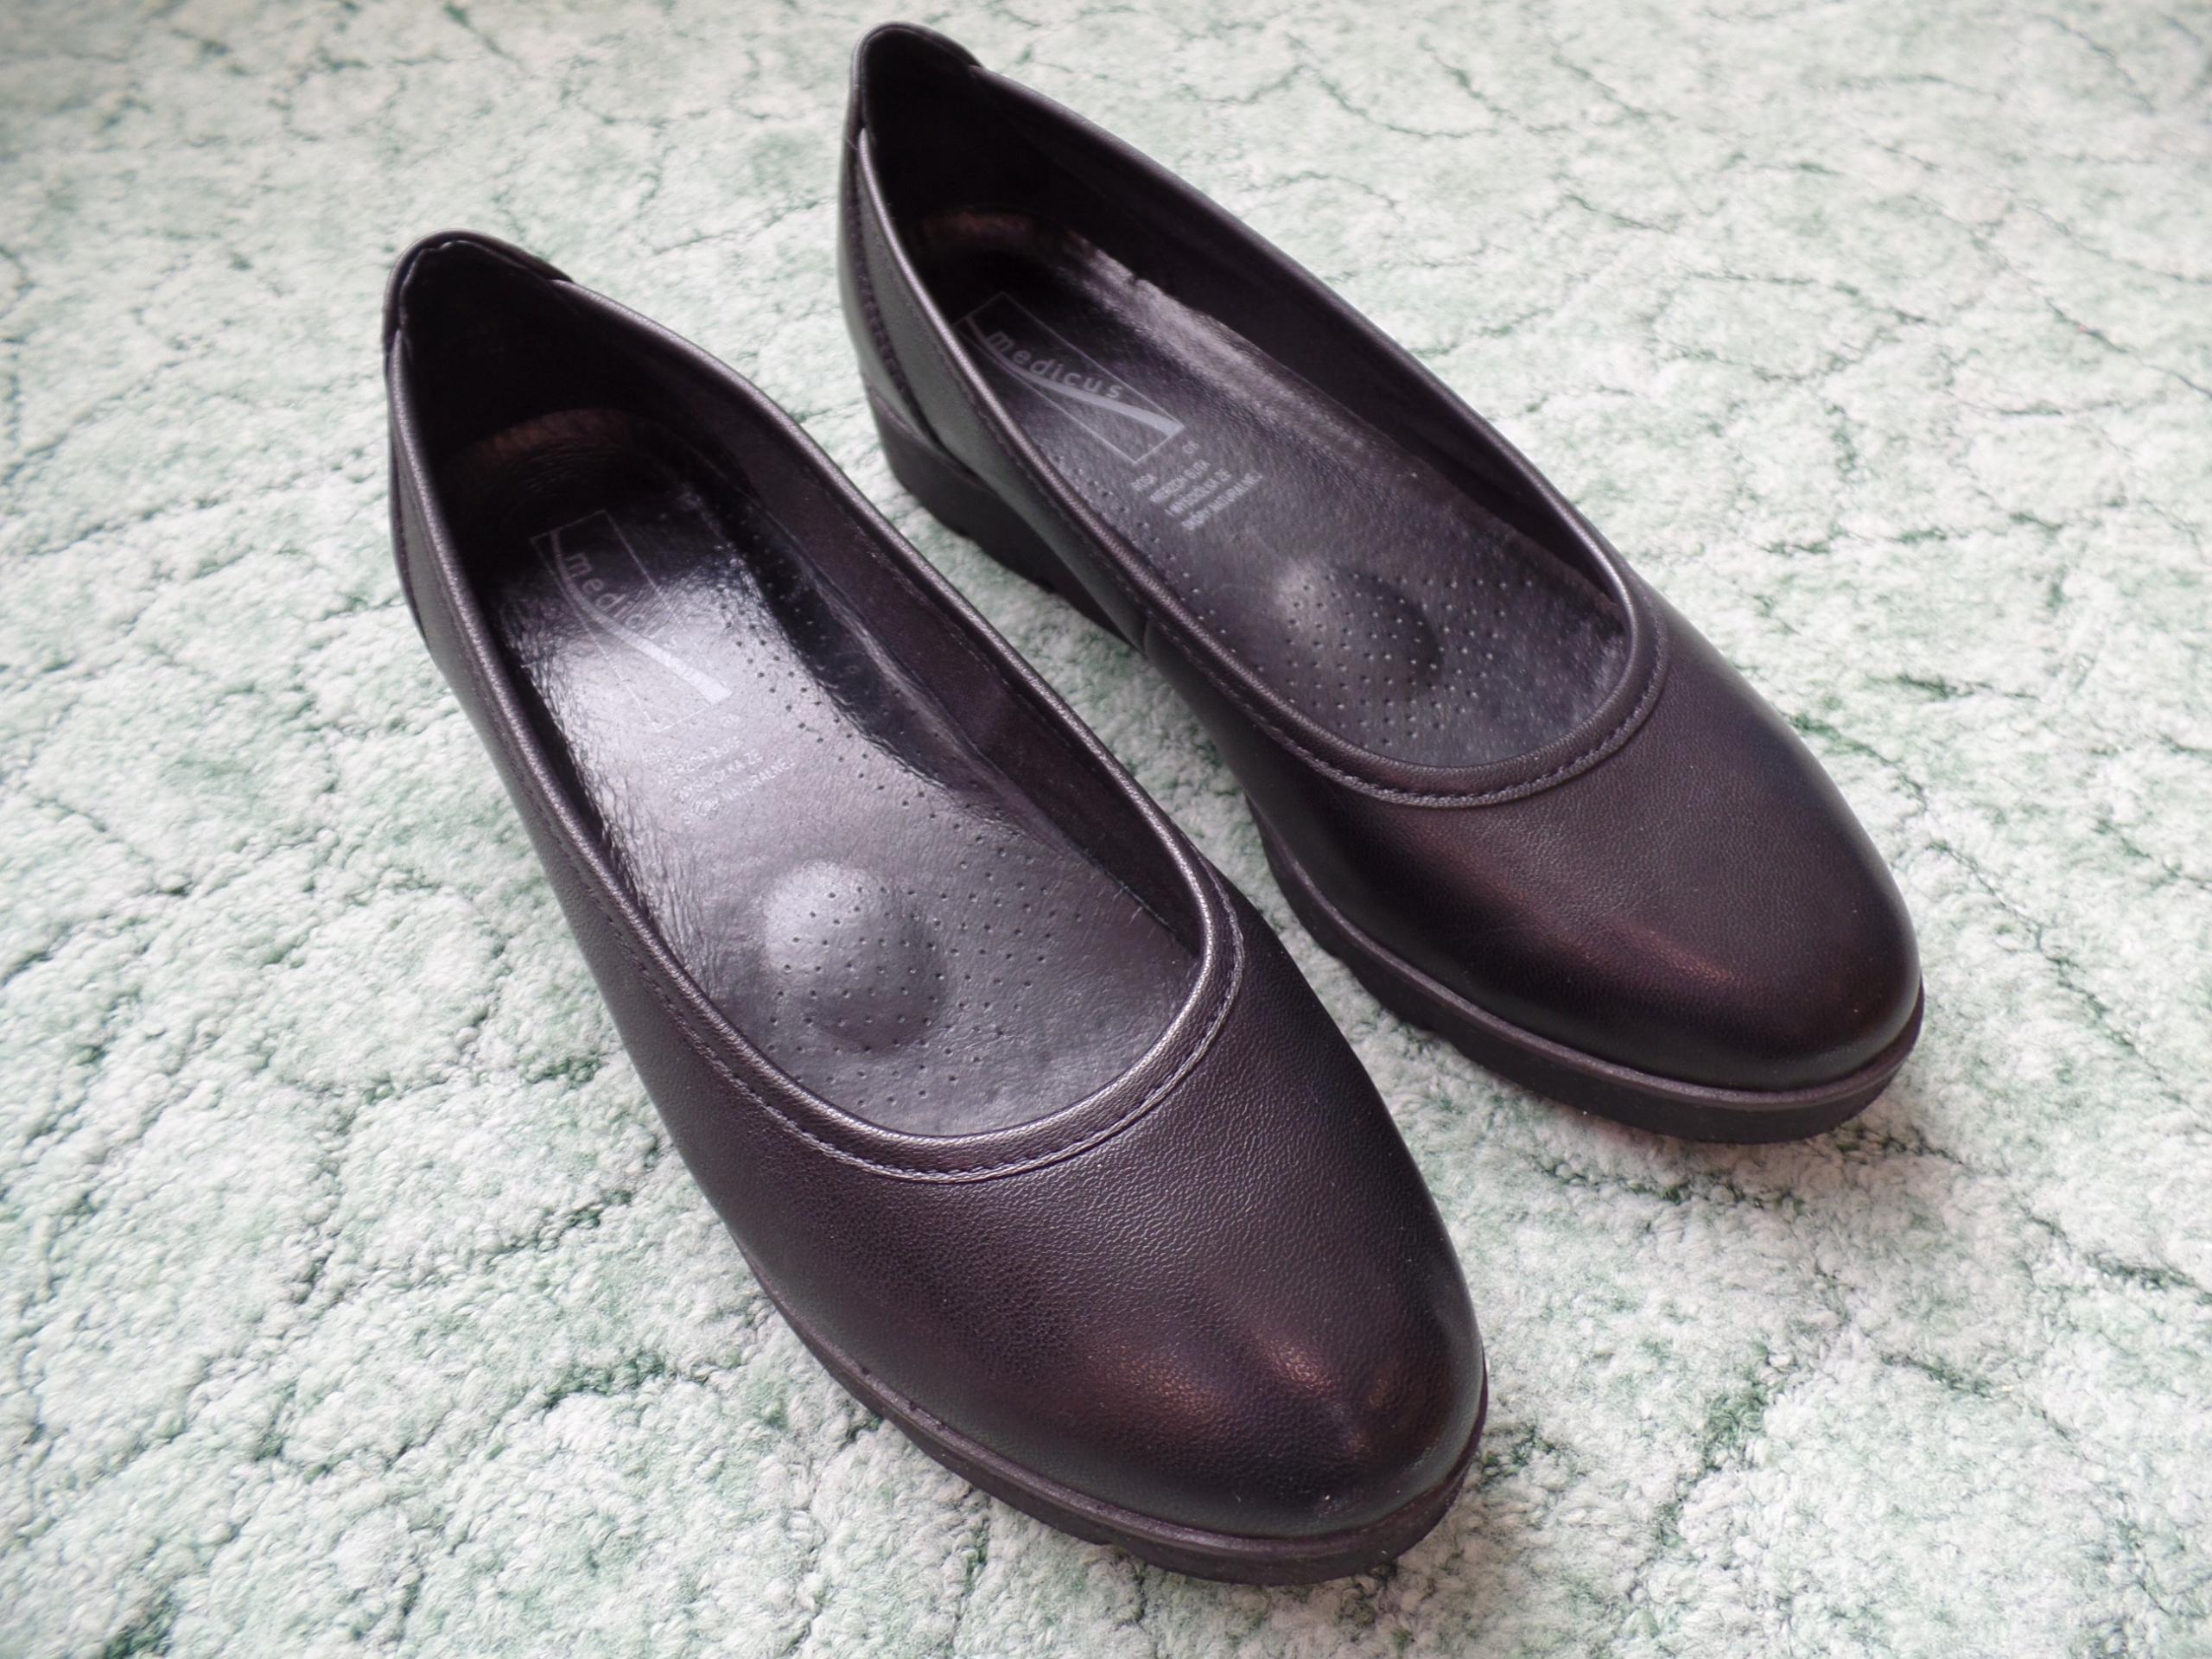 Buty zdrowotne Medicus skóra, 40 jak nowe